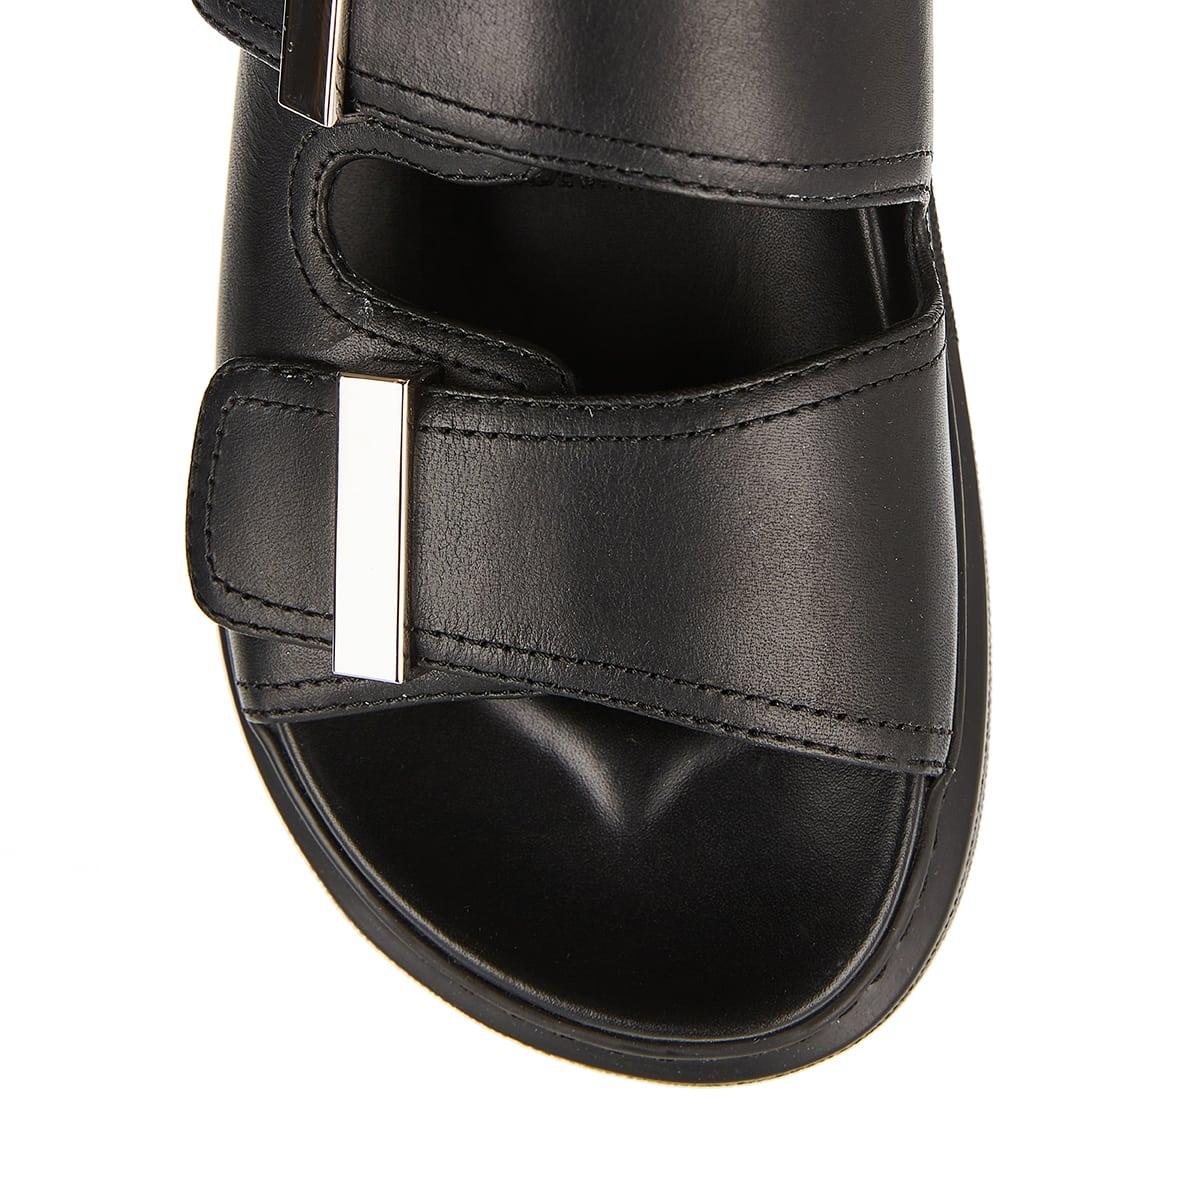 Oversized-sole leather slides